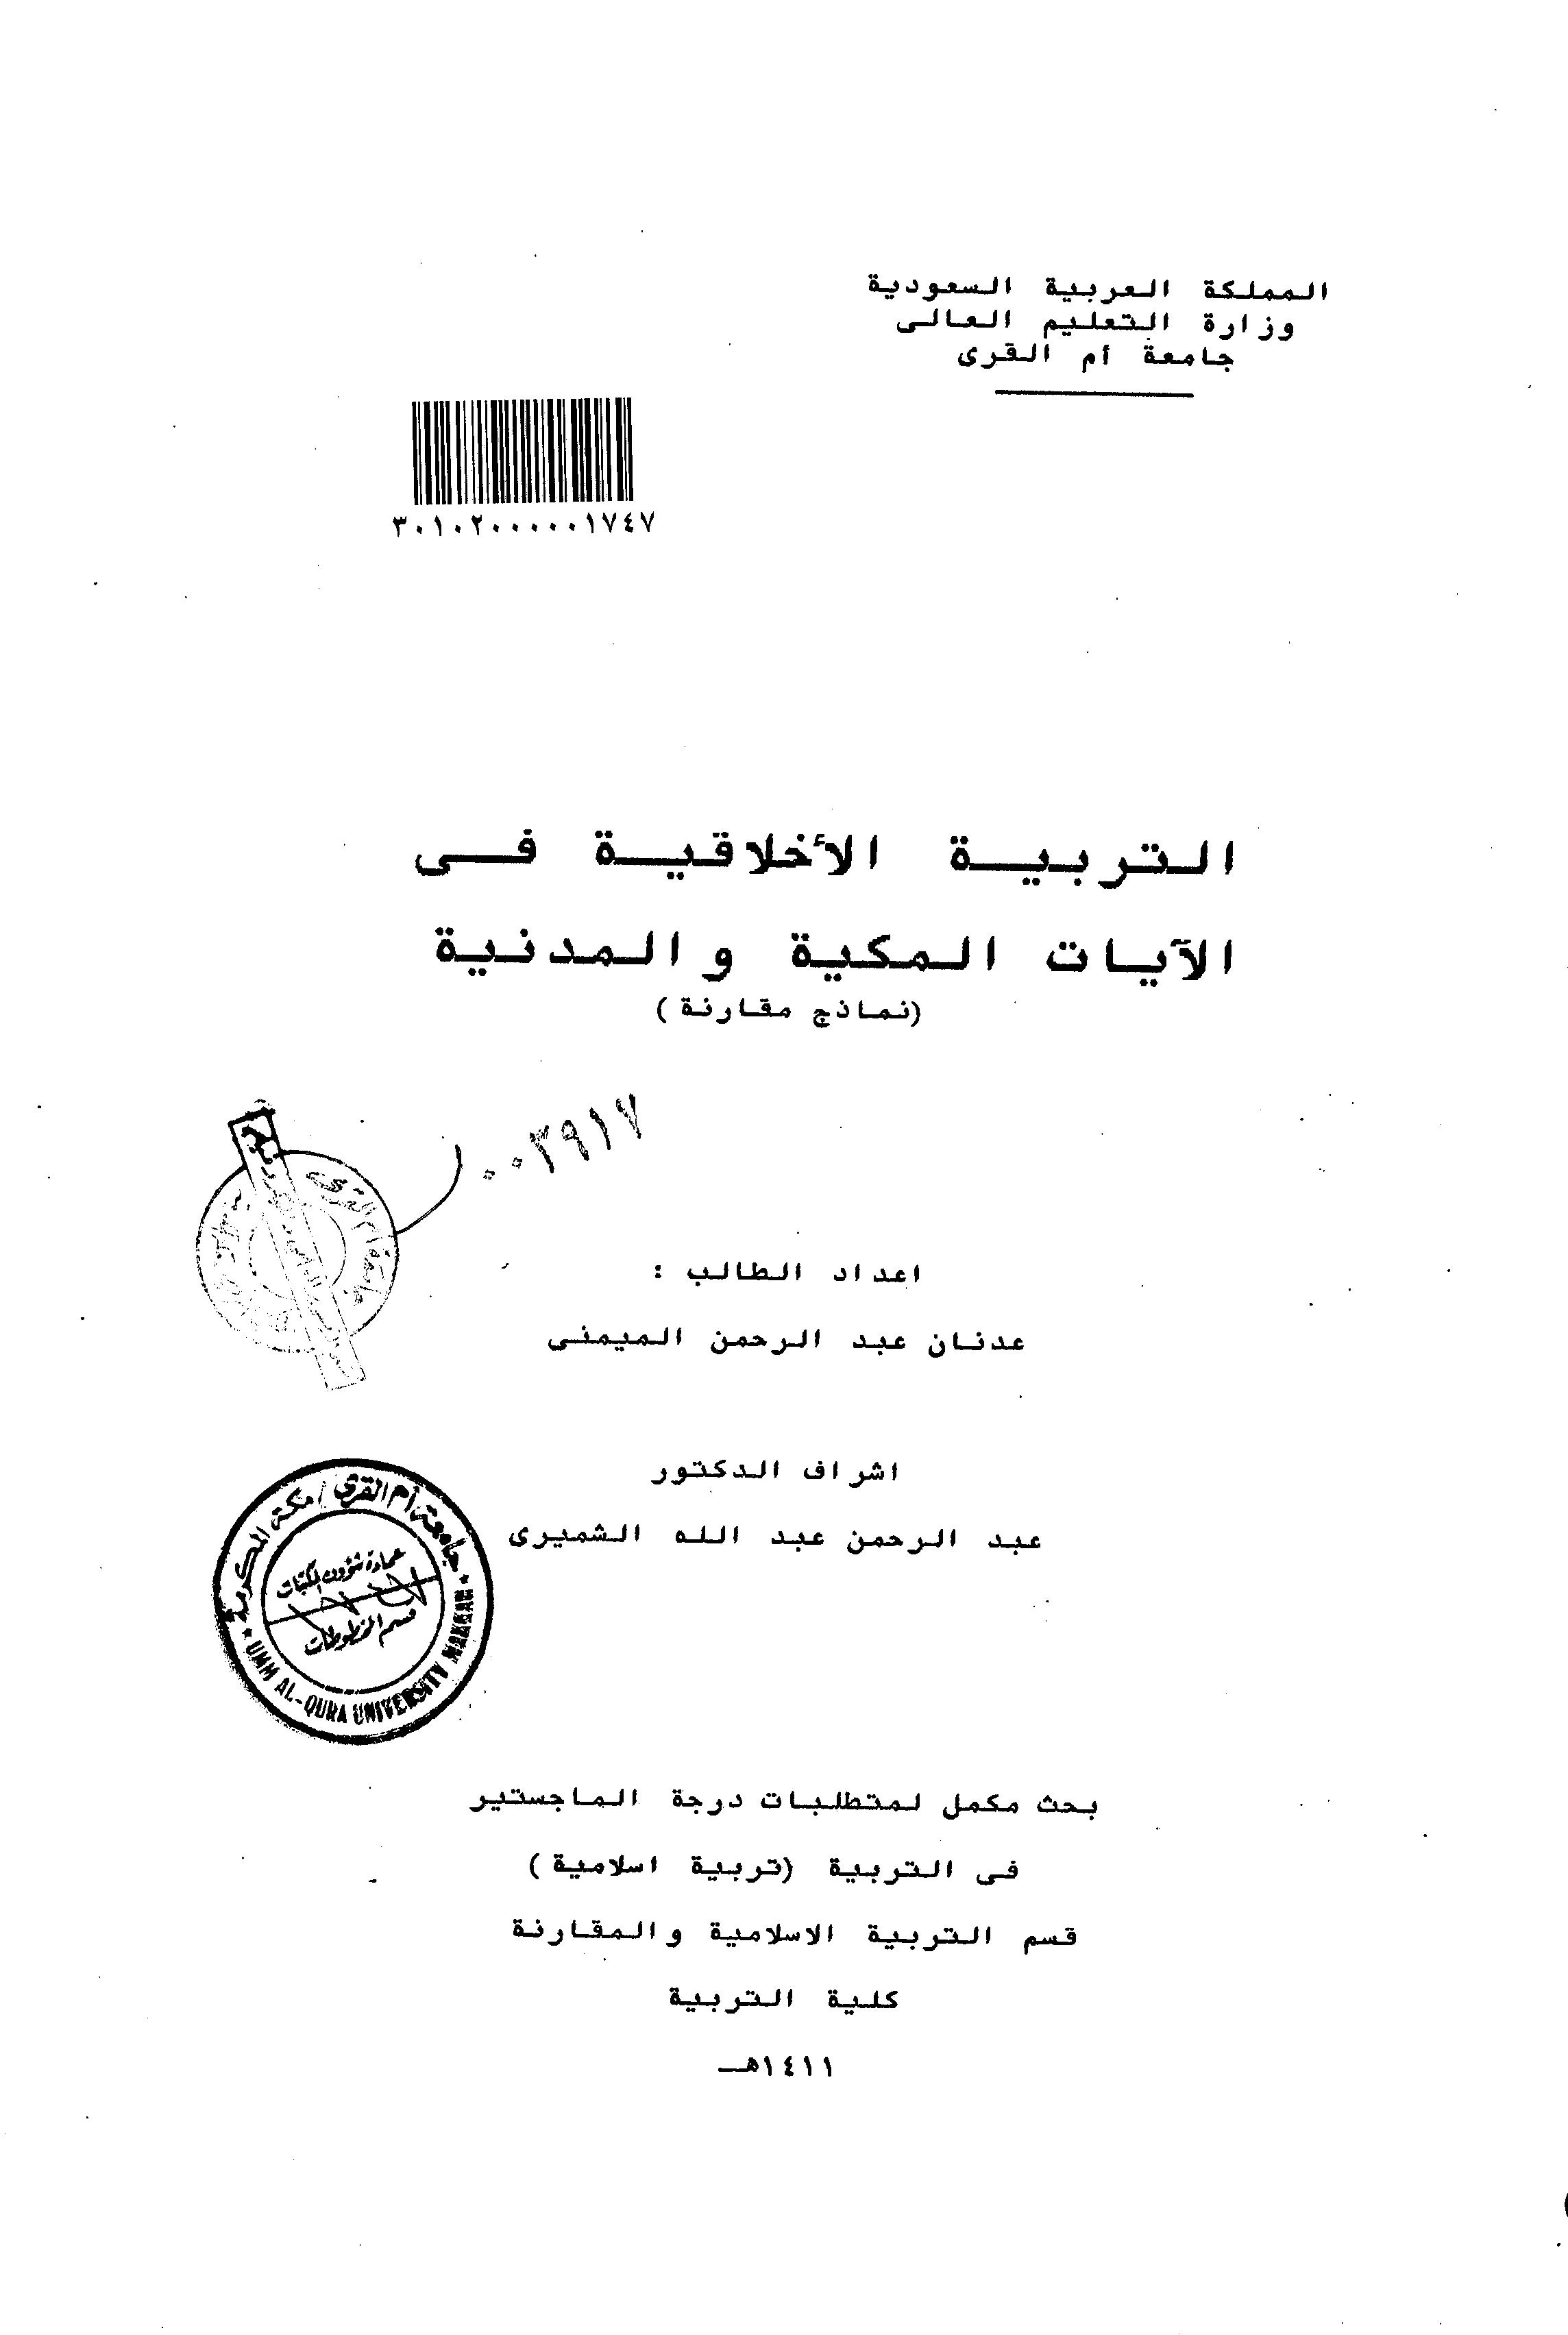 تحميل كتاب التربية الأخلاقية في الآيات المكية والمدنية (نماذج مقارنة) لـِ: عدنان عبد الرحمن الميمني